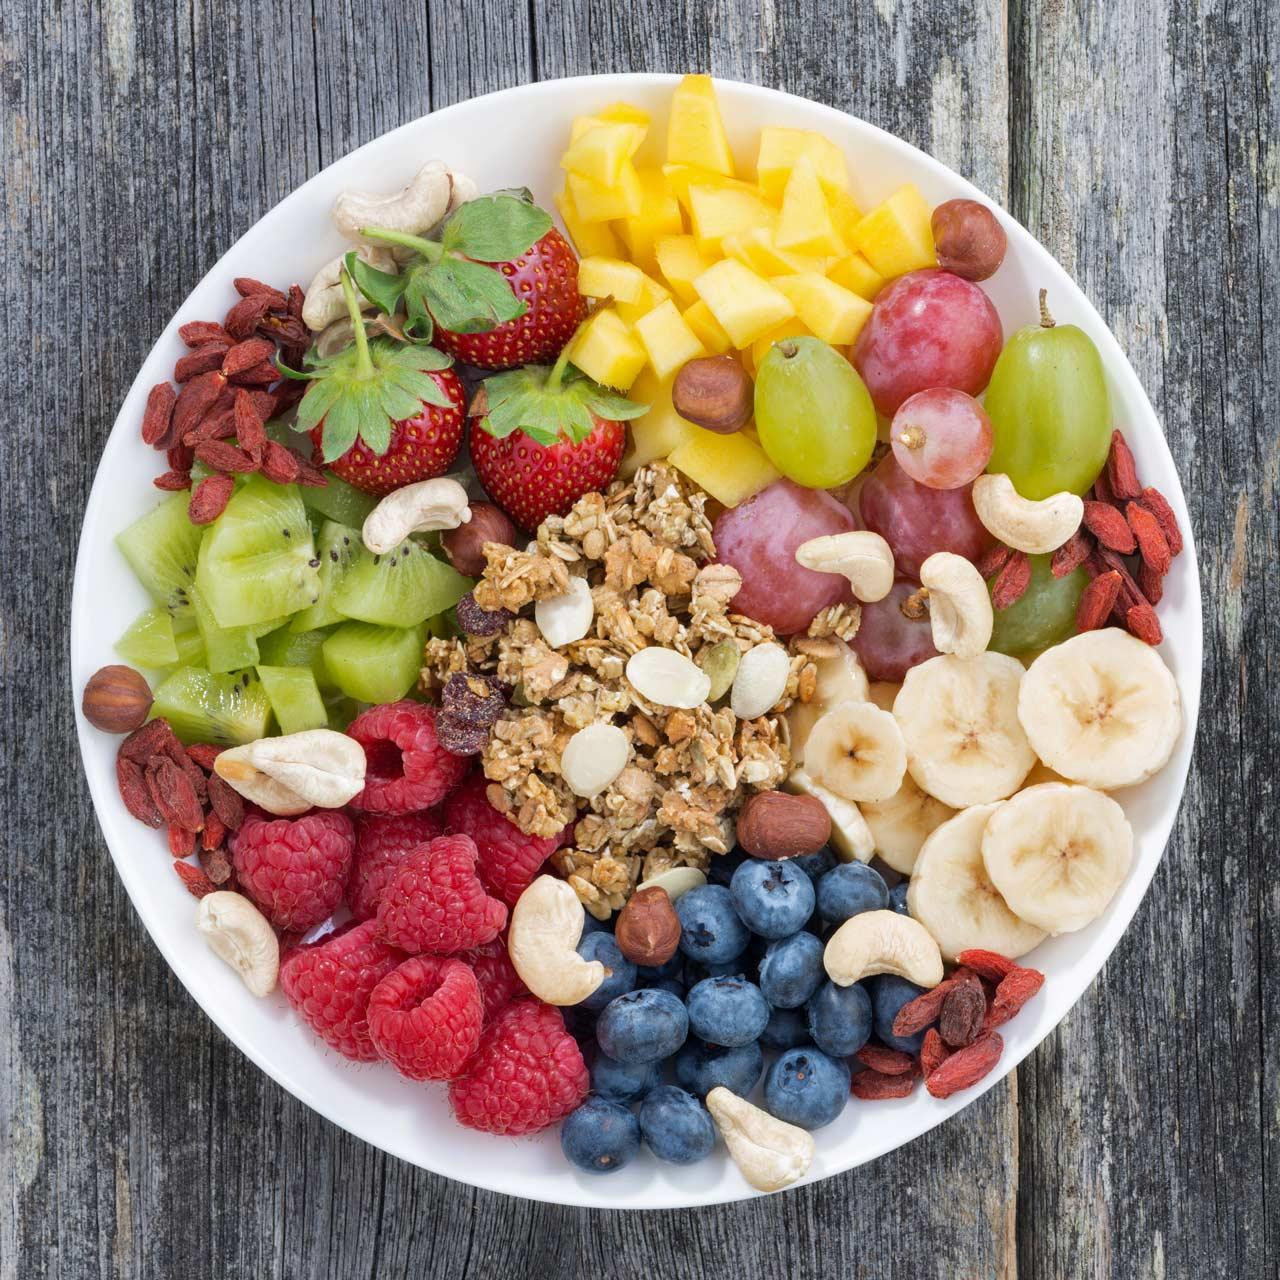 breakfast-fruit-bowl-healthy